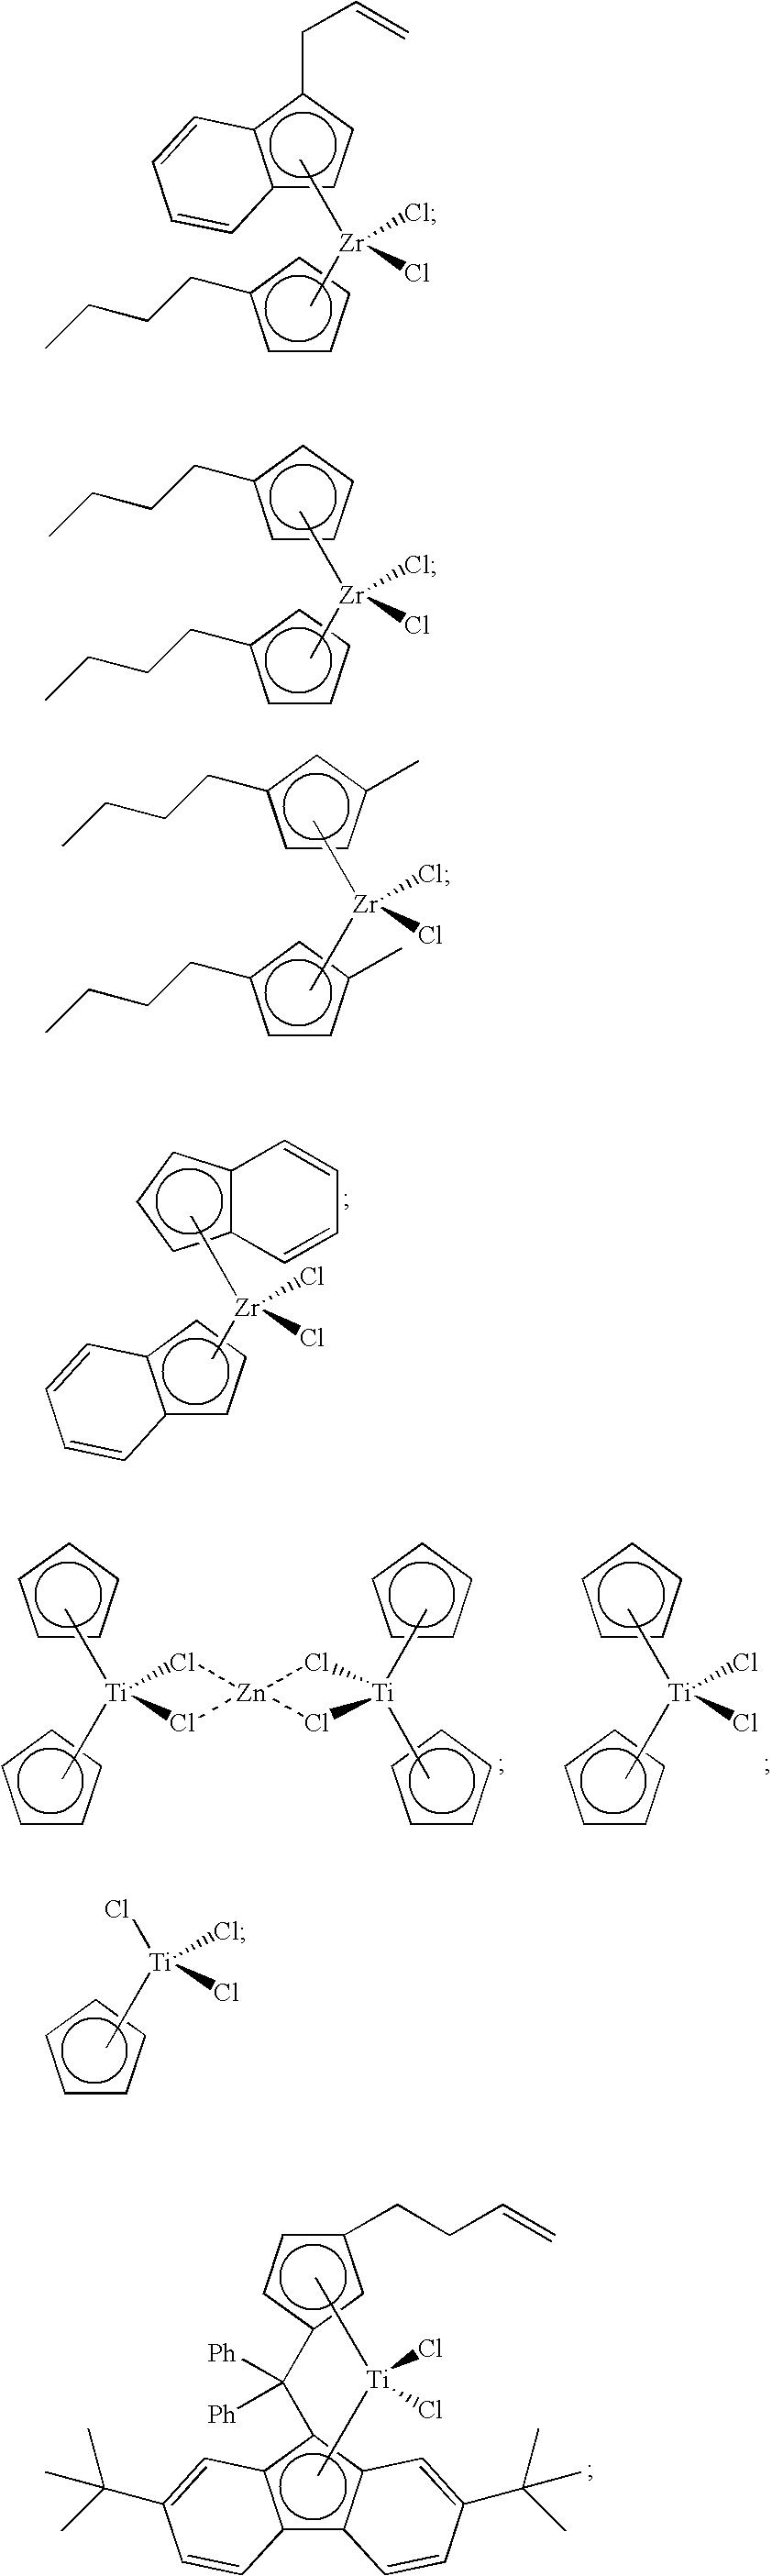 Figure US08329834-20121211-C00050